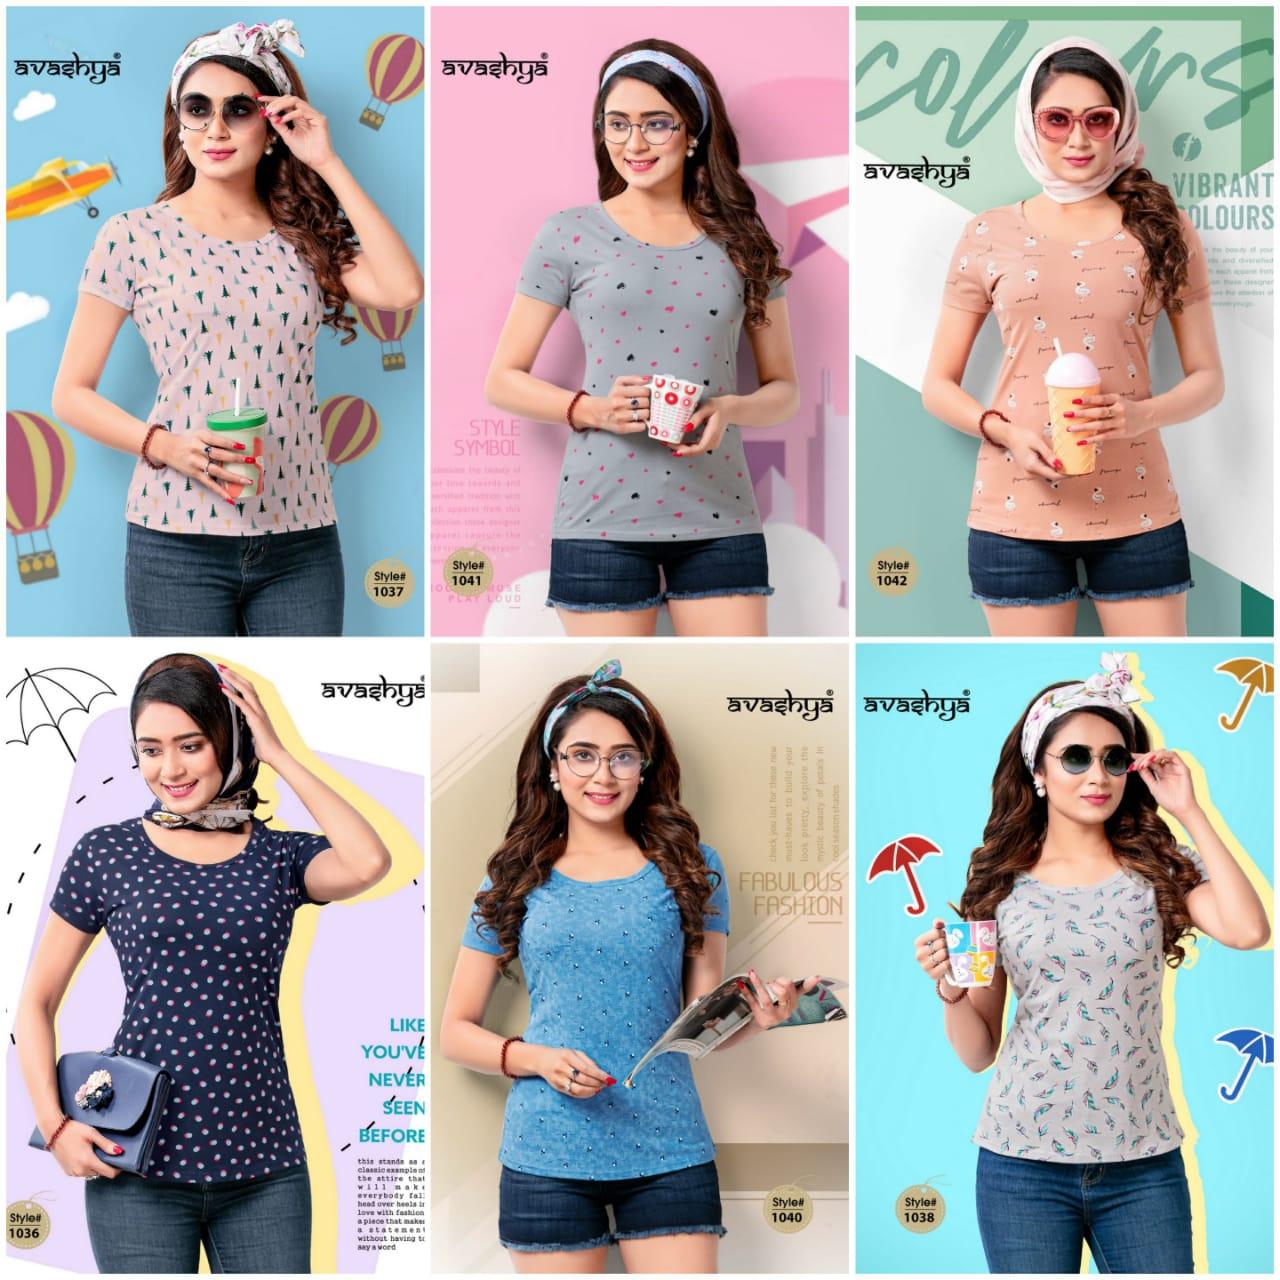 Avashya Retro Vol 53 Half Sleeves T Shirt Wholesale Catalog 6 Pcs 6 - Avashya Retro Vol 53 Half Sleeves T-Shirt Wholesale Catalog 6 Pcs